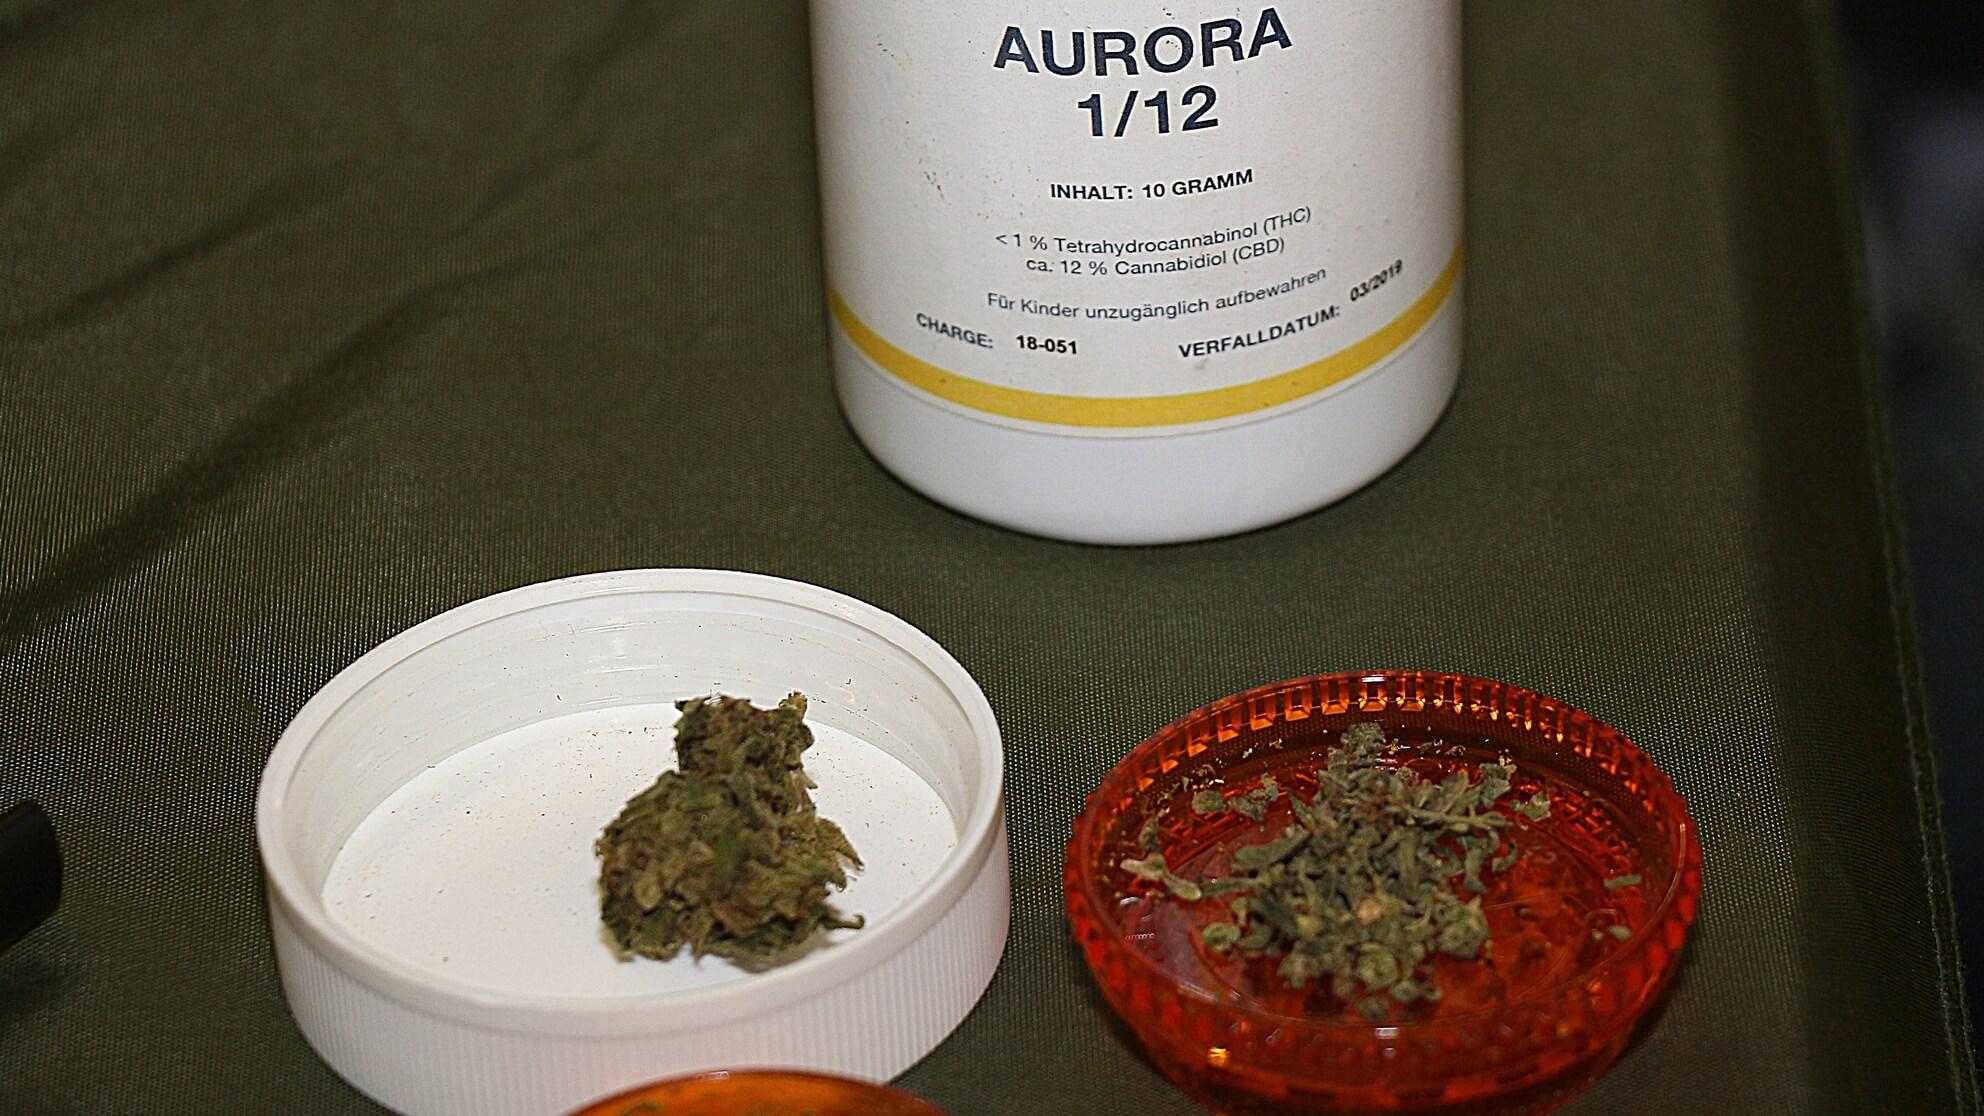 Vielen Patienten hilft CBD, nicht THC – hier das Apotheken-Cannabis mit dem Schwerpunkt auf Cannabidiol